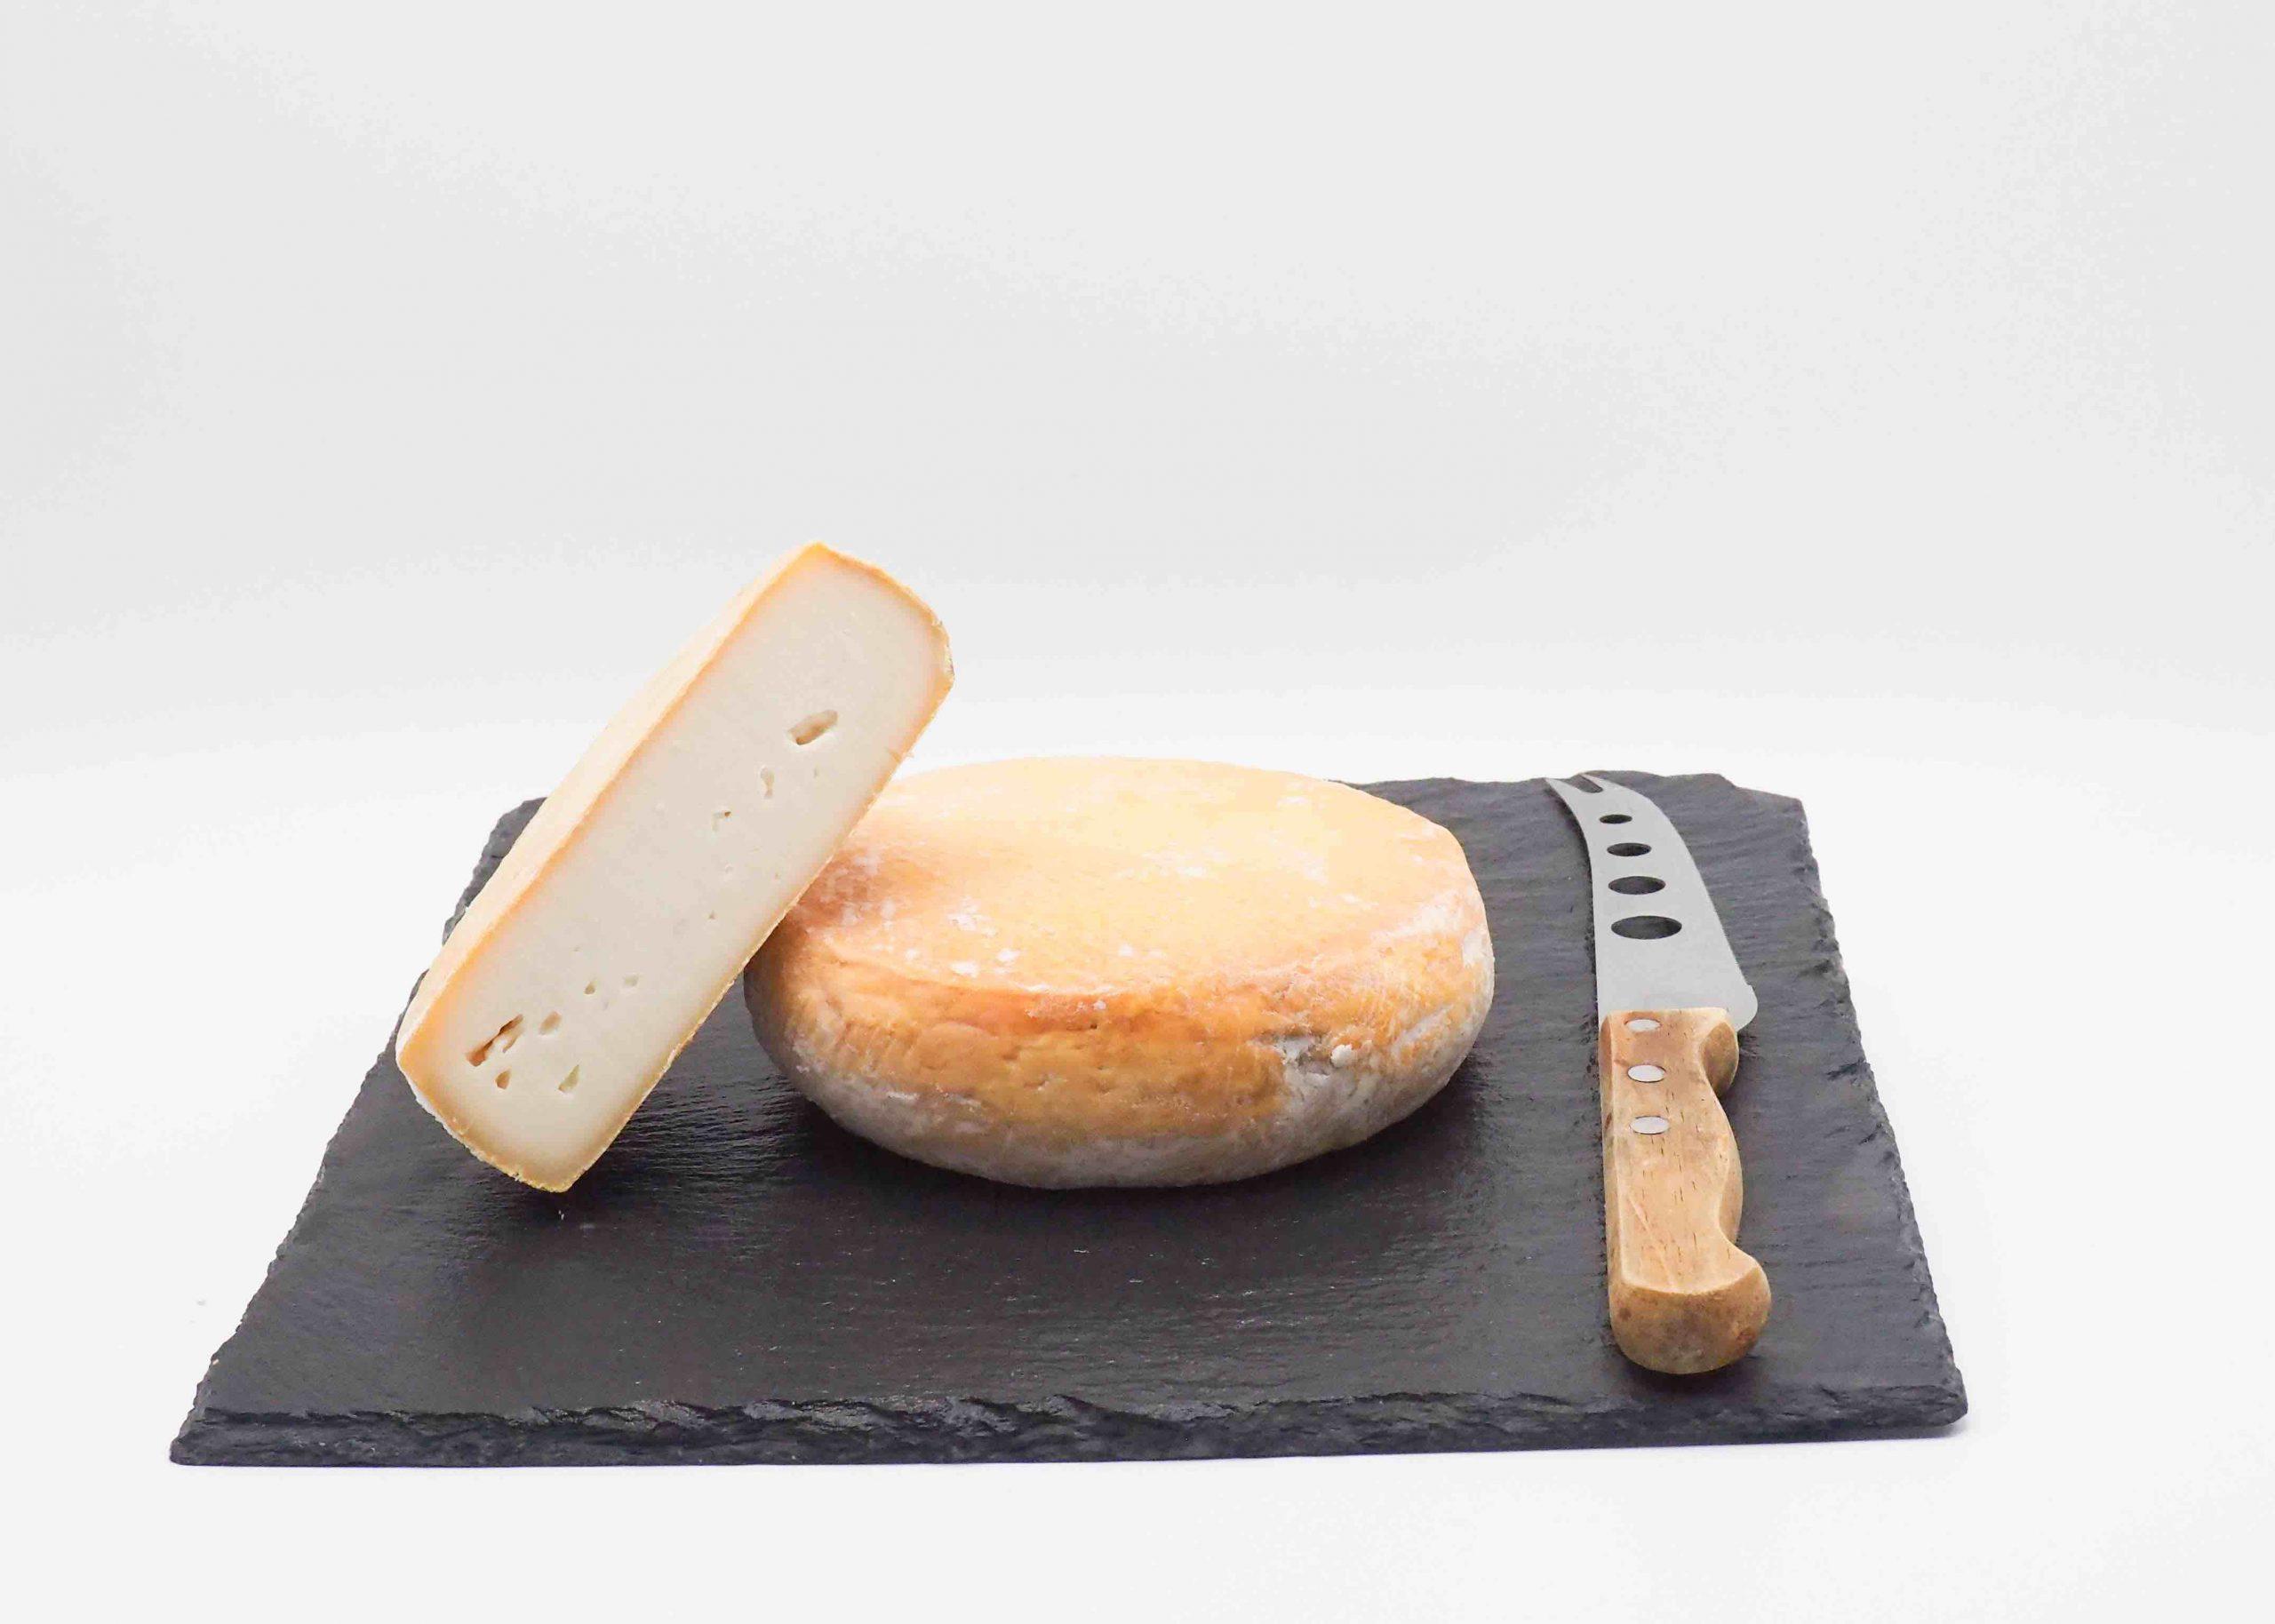 Achetez le Petit Fiancé. Vente de fromage en ligne par un Meilleur Ouvrier de France avec livraison à domicile